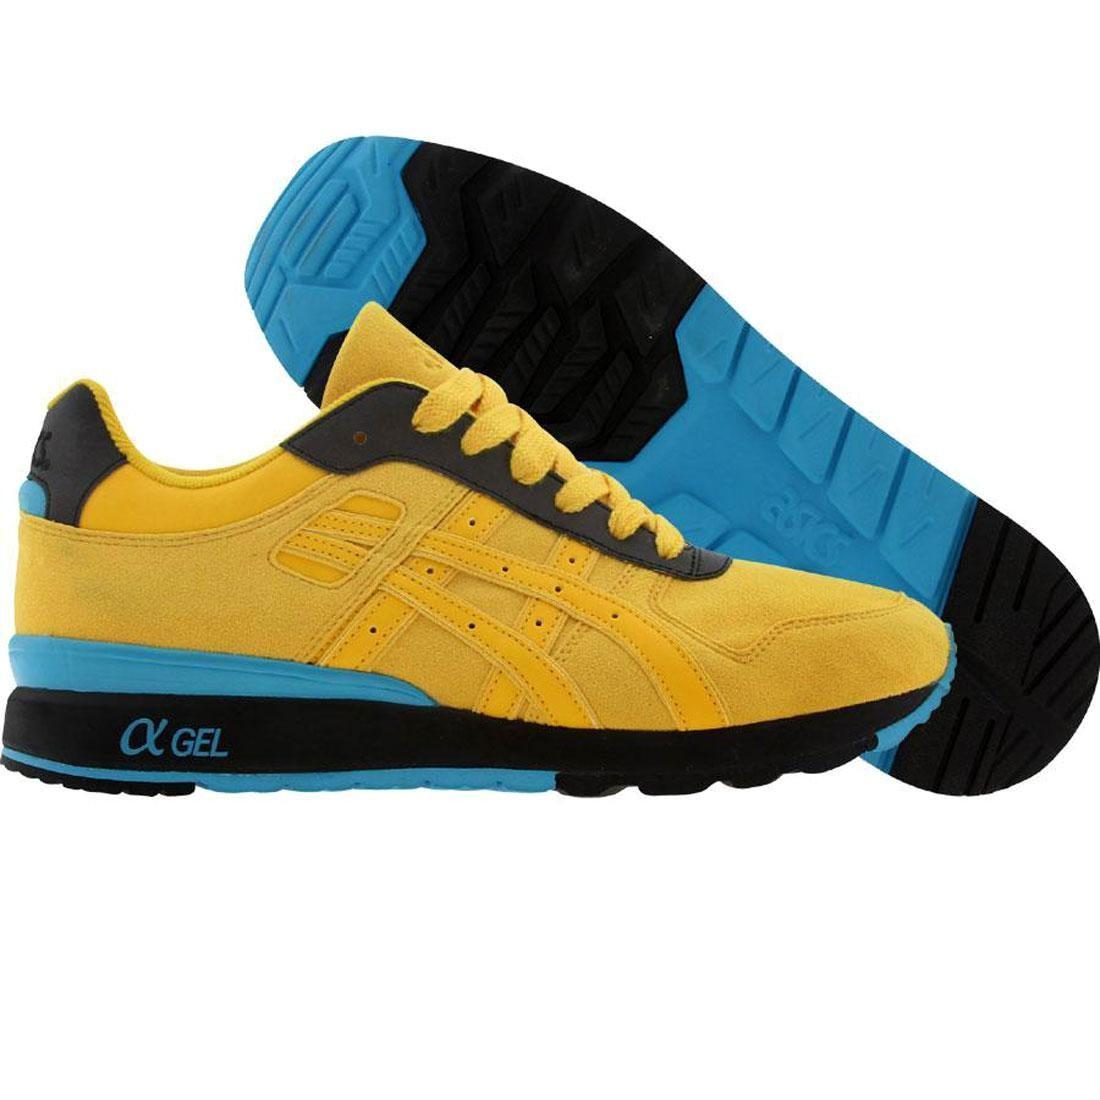 【海外限定】アシックス プレミアム 黄色 イエロー メンズ靴 靴 【 ASICS PREMIUM YELLOW BAIT X TIGER GTII 3M RINGS PACK RING BLACK 】